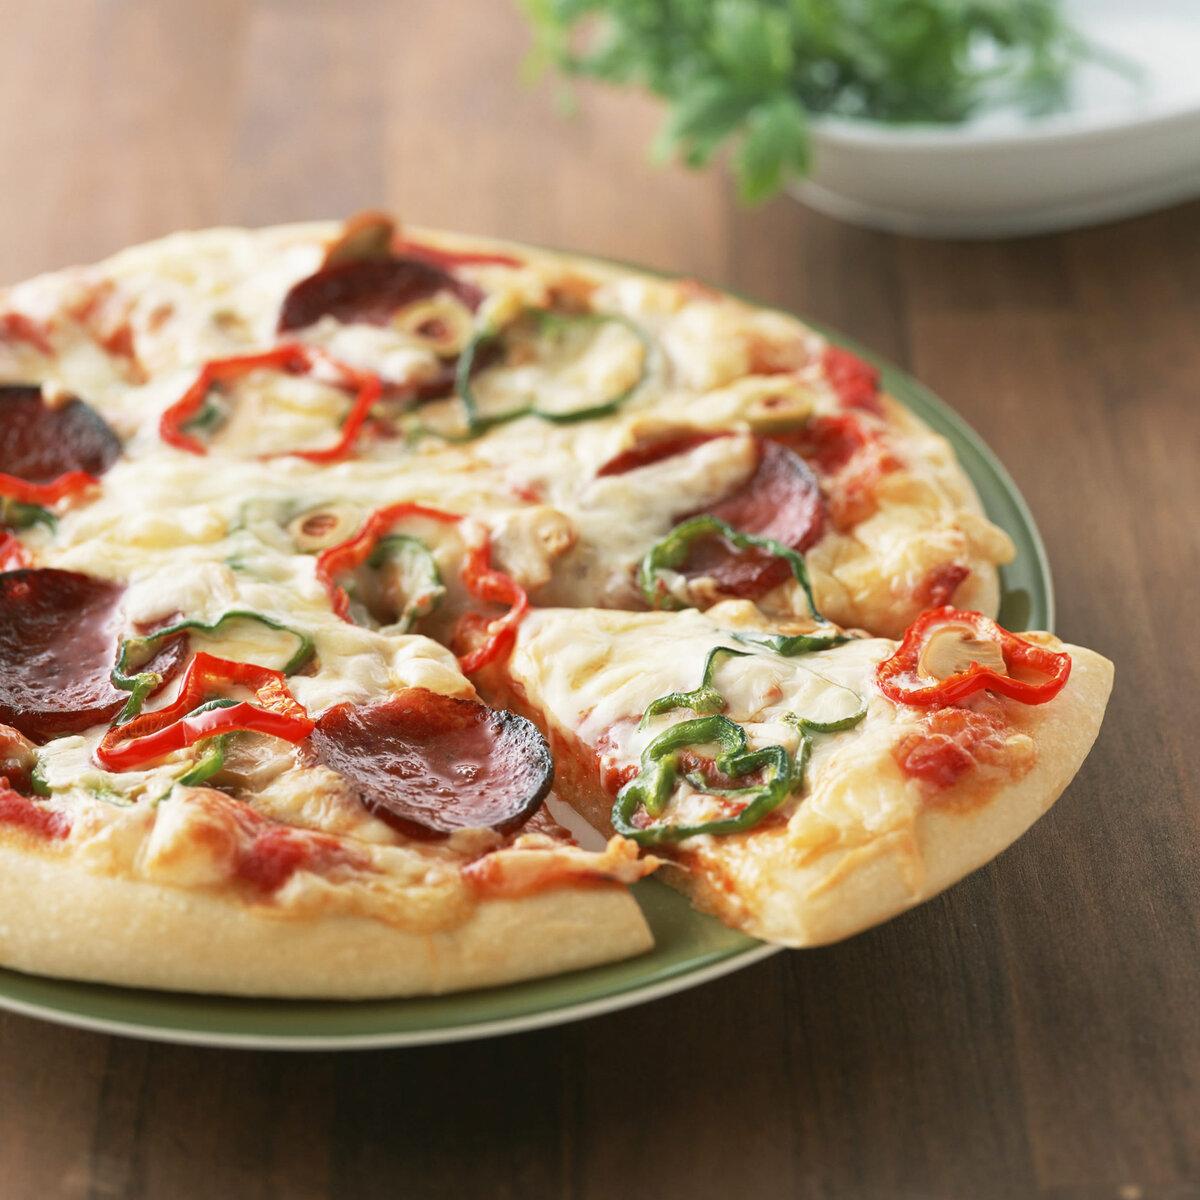 фото пиццы крупным планом причем тут цифры